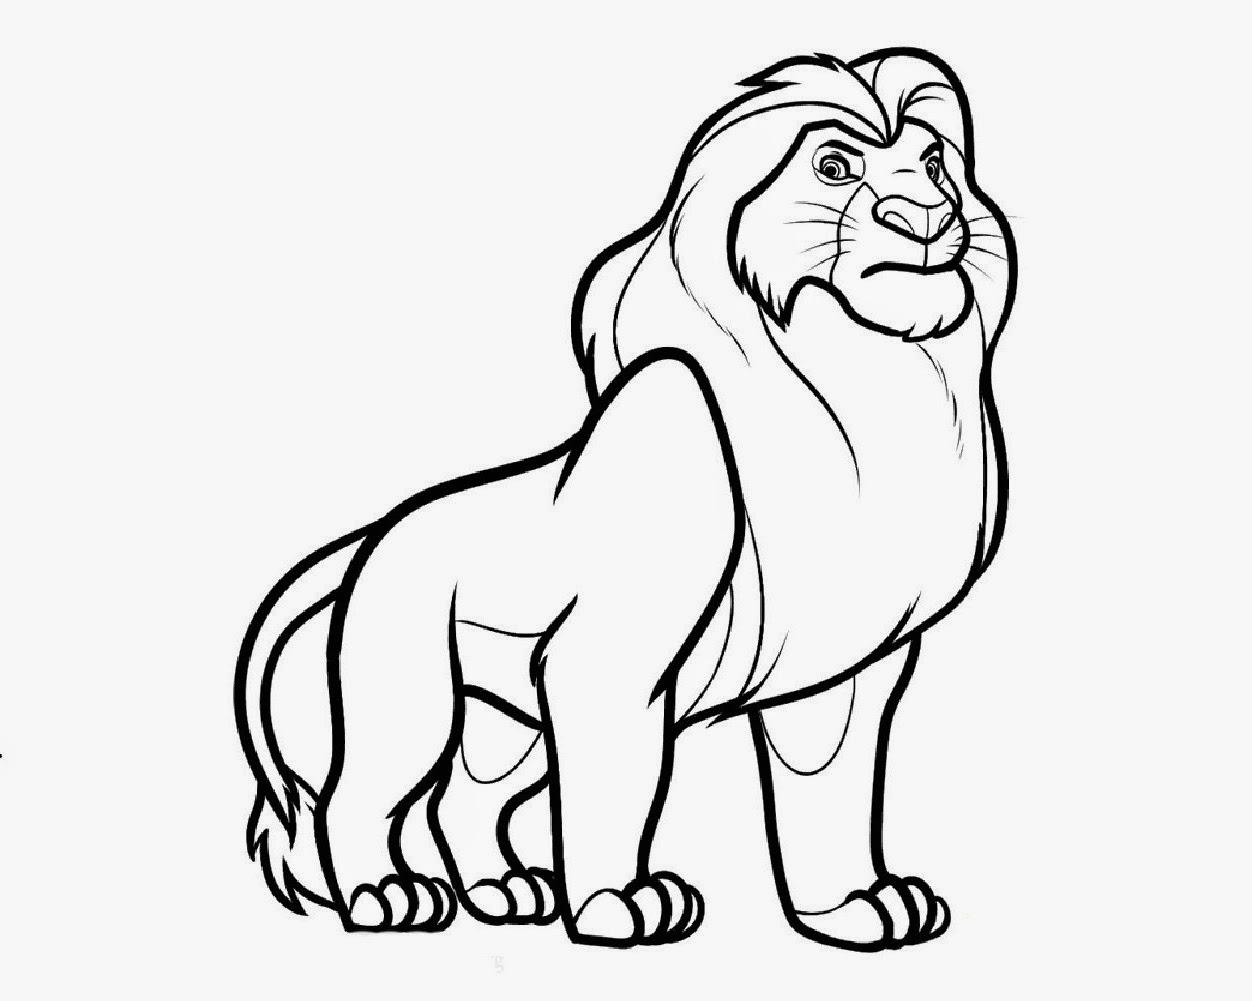 1252x1001 Disney Cartoon Drawing How To Draw Scar, Step By Step, Disney